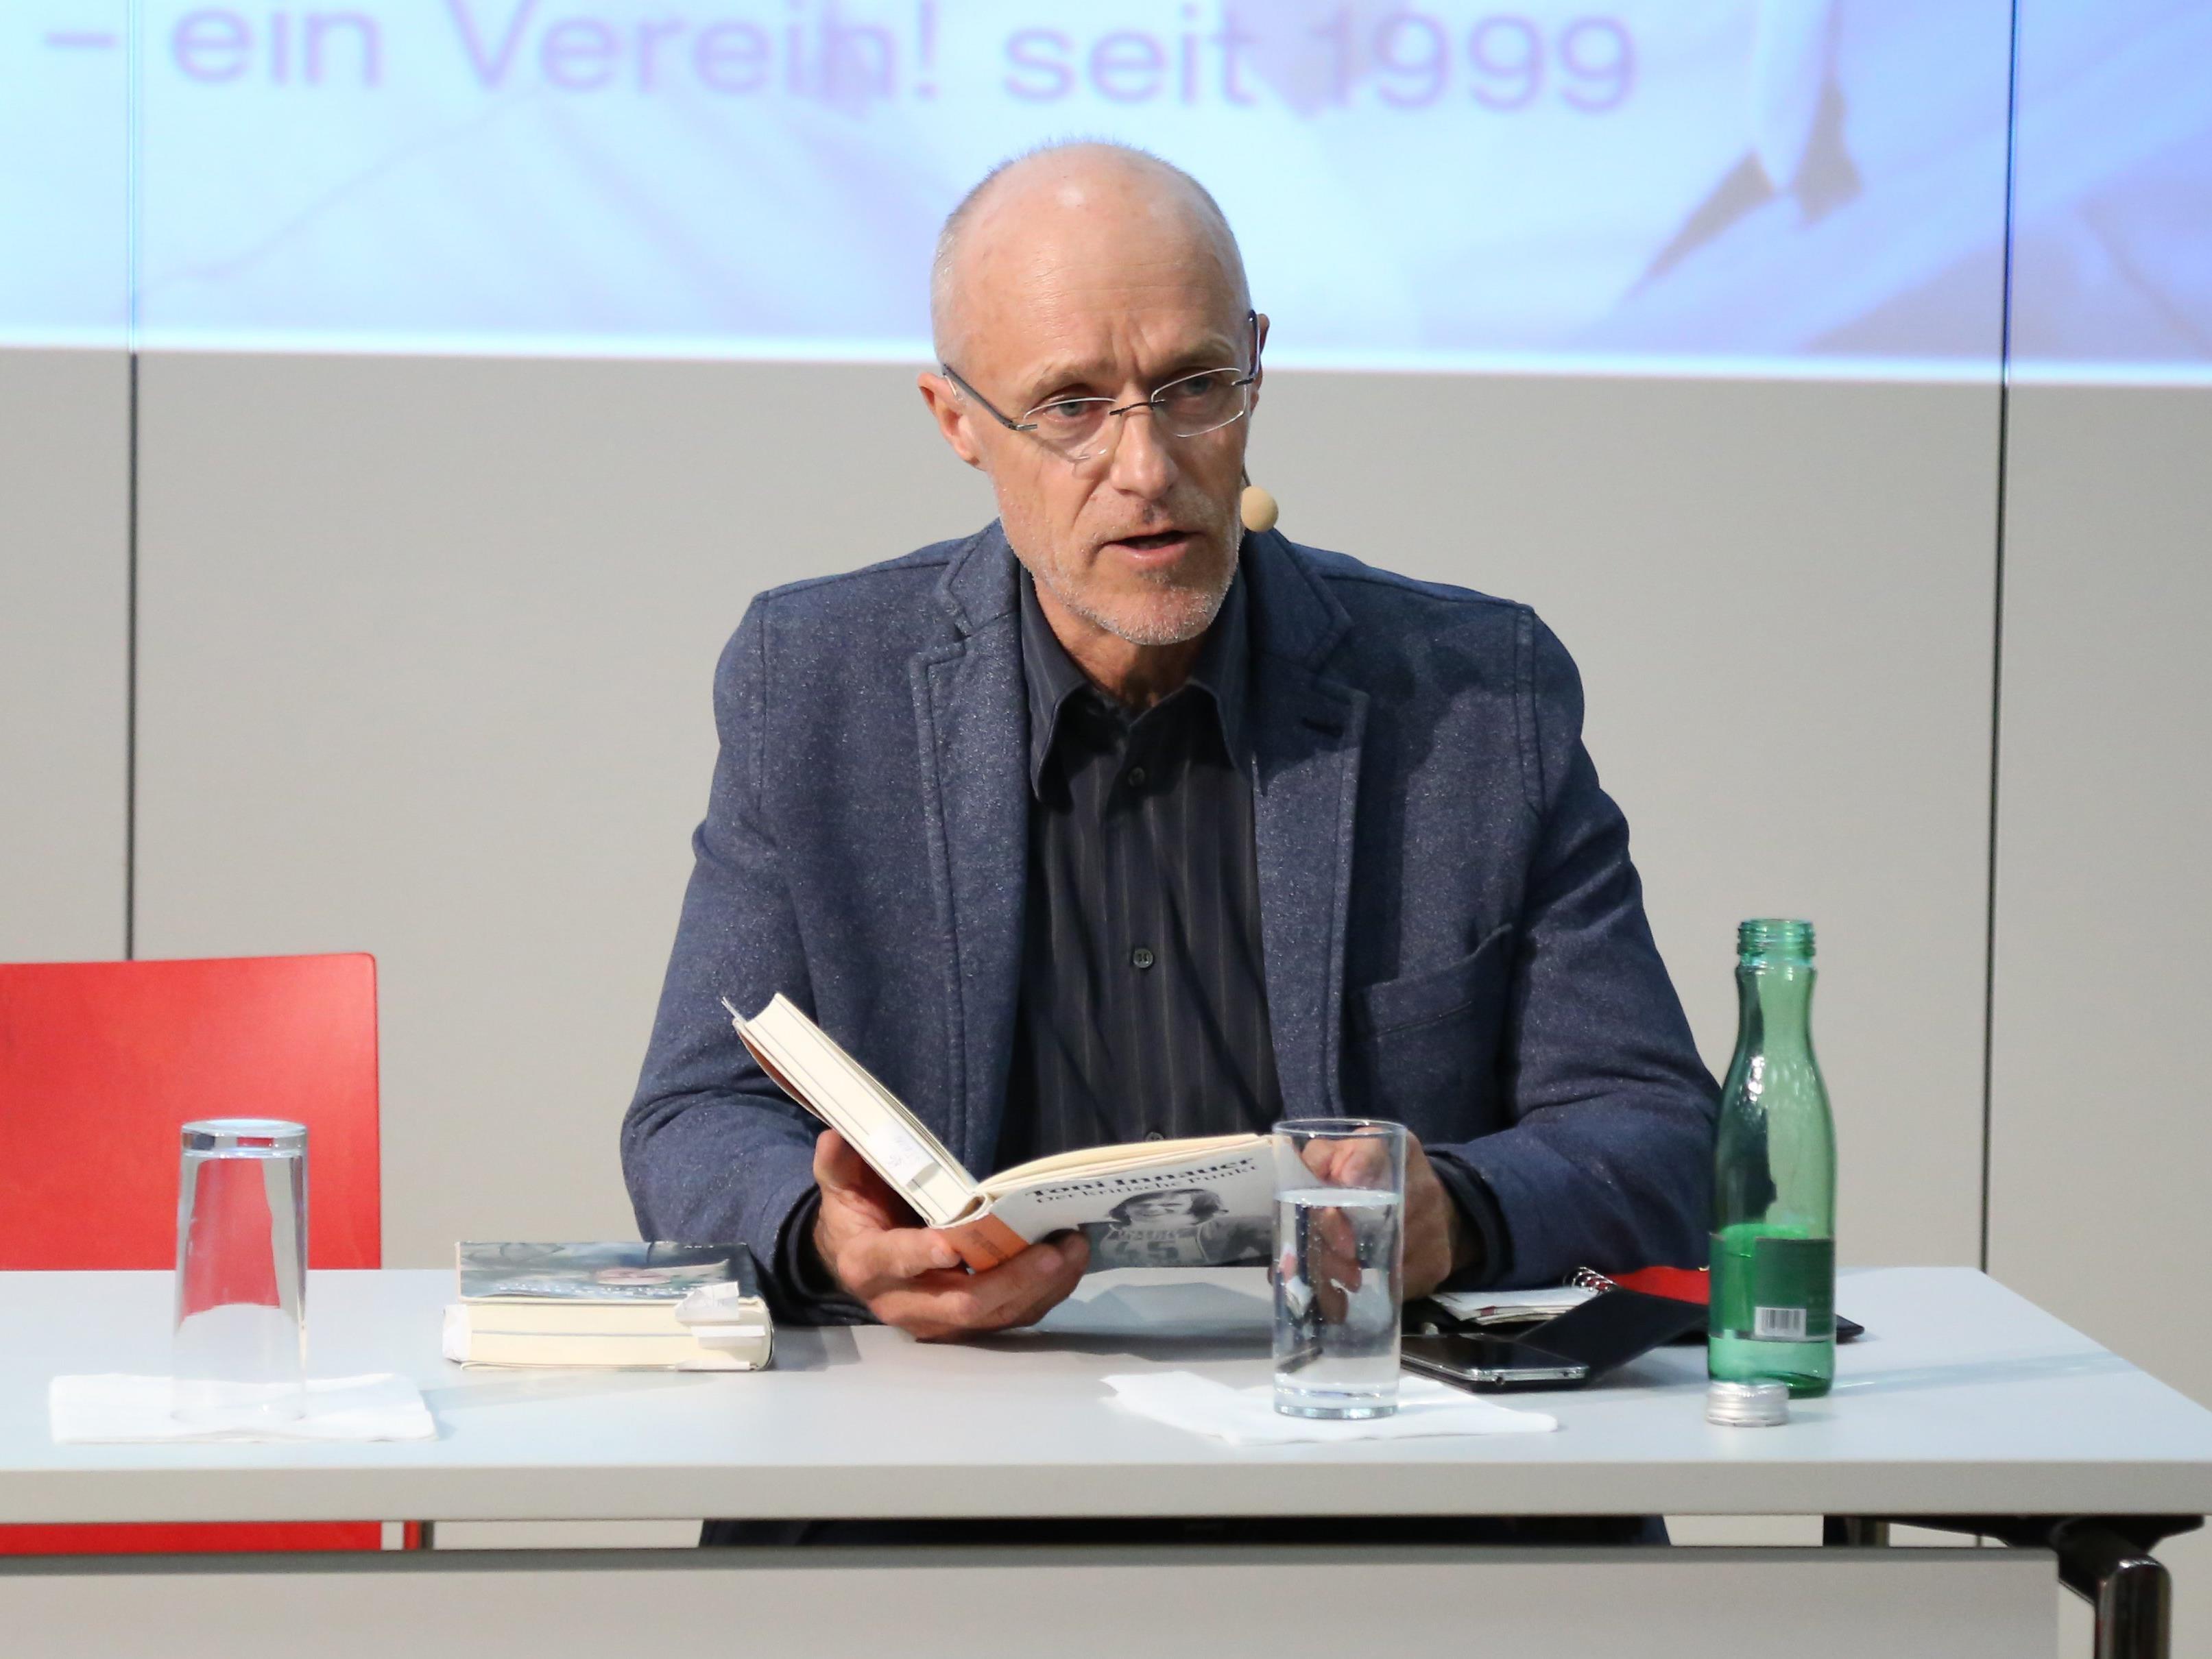 Skisprunglegende Toni Innauer las aus seinen neuen und alten Büchern im Saal der AK-Vorarlberg vor.